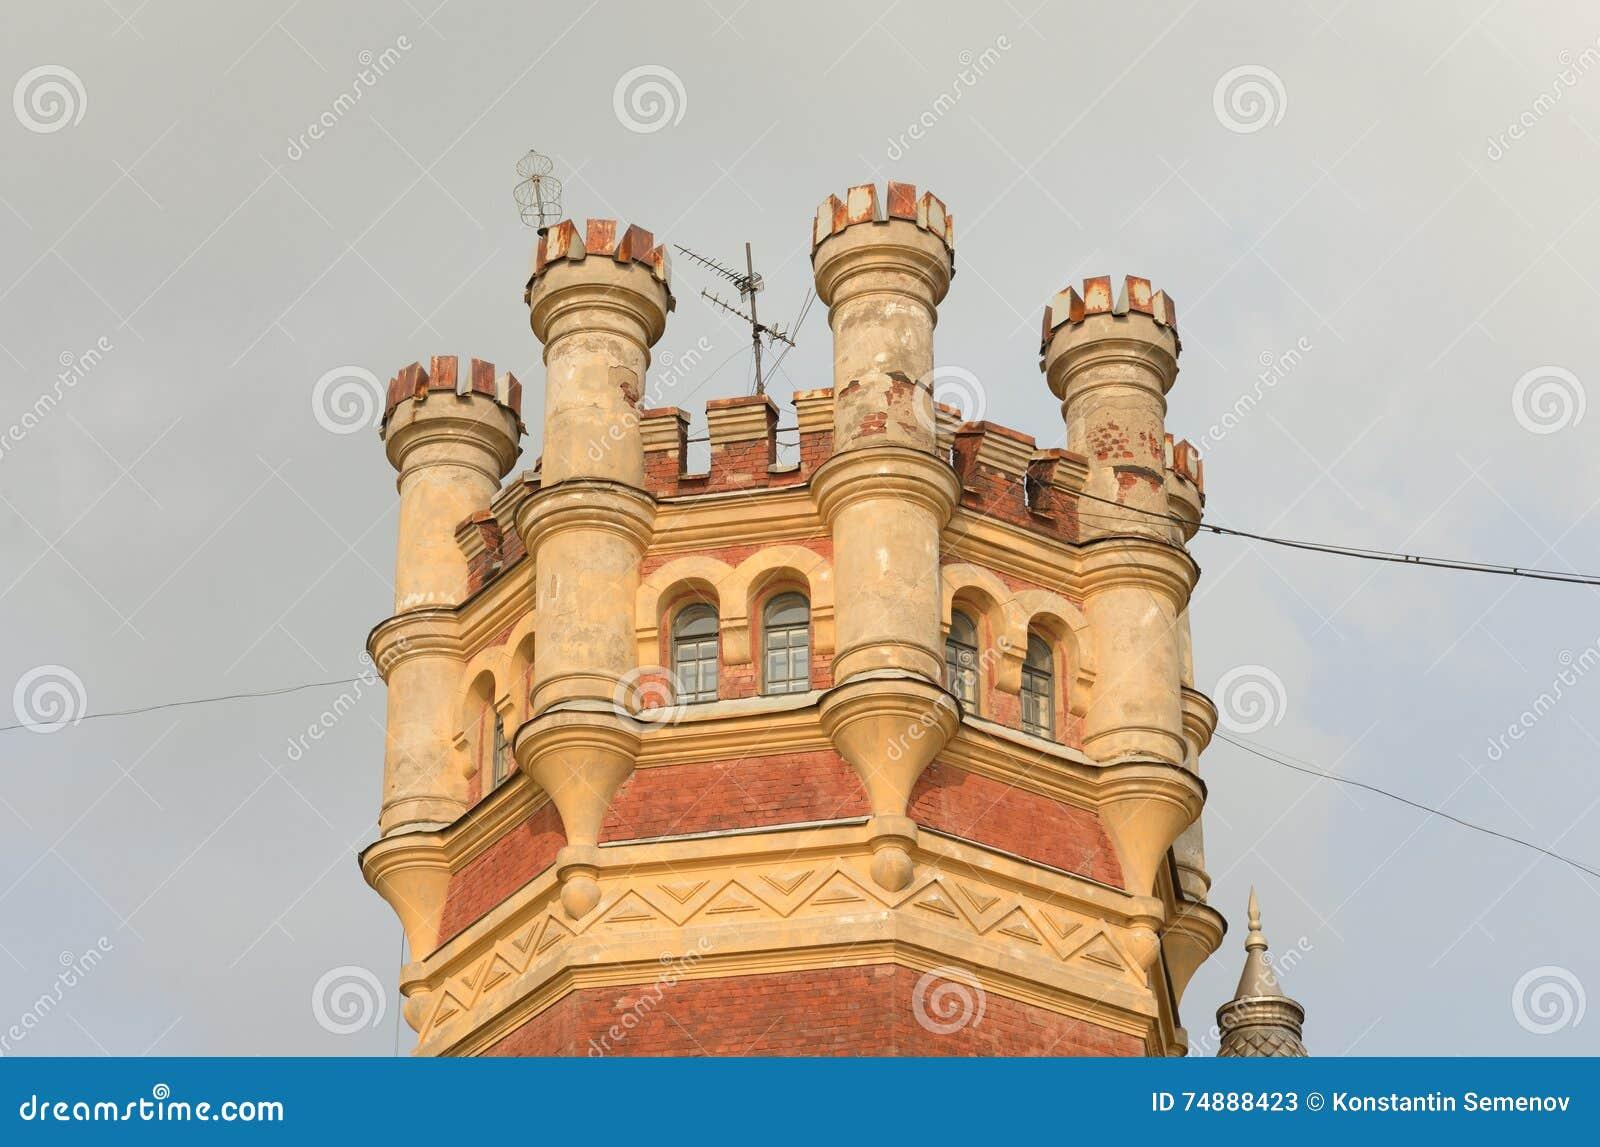 Torre de água no estilo gótico